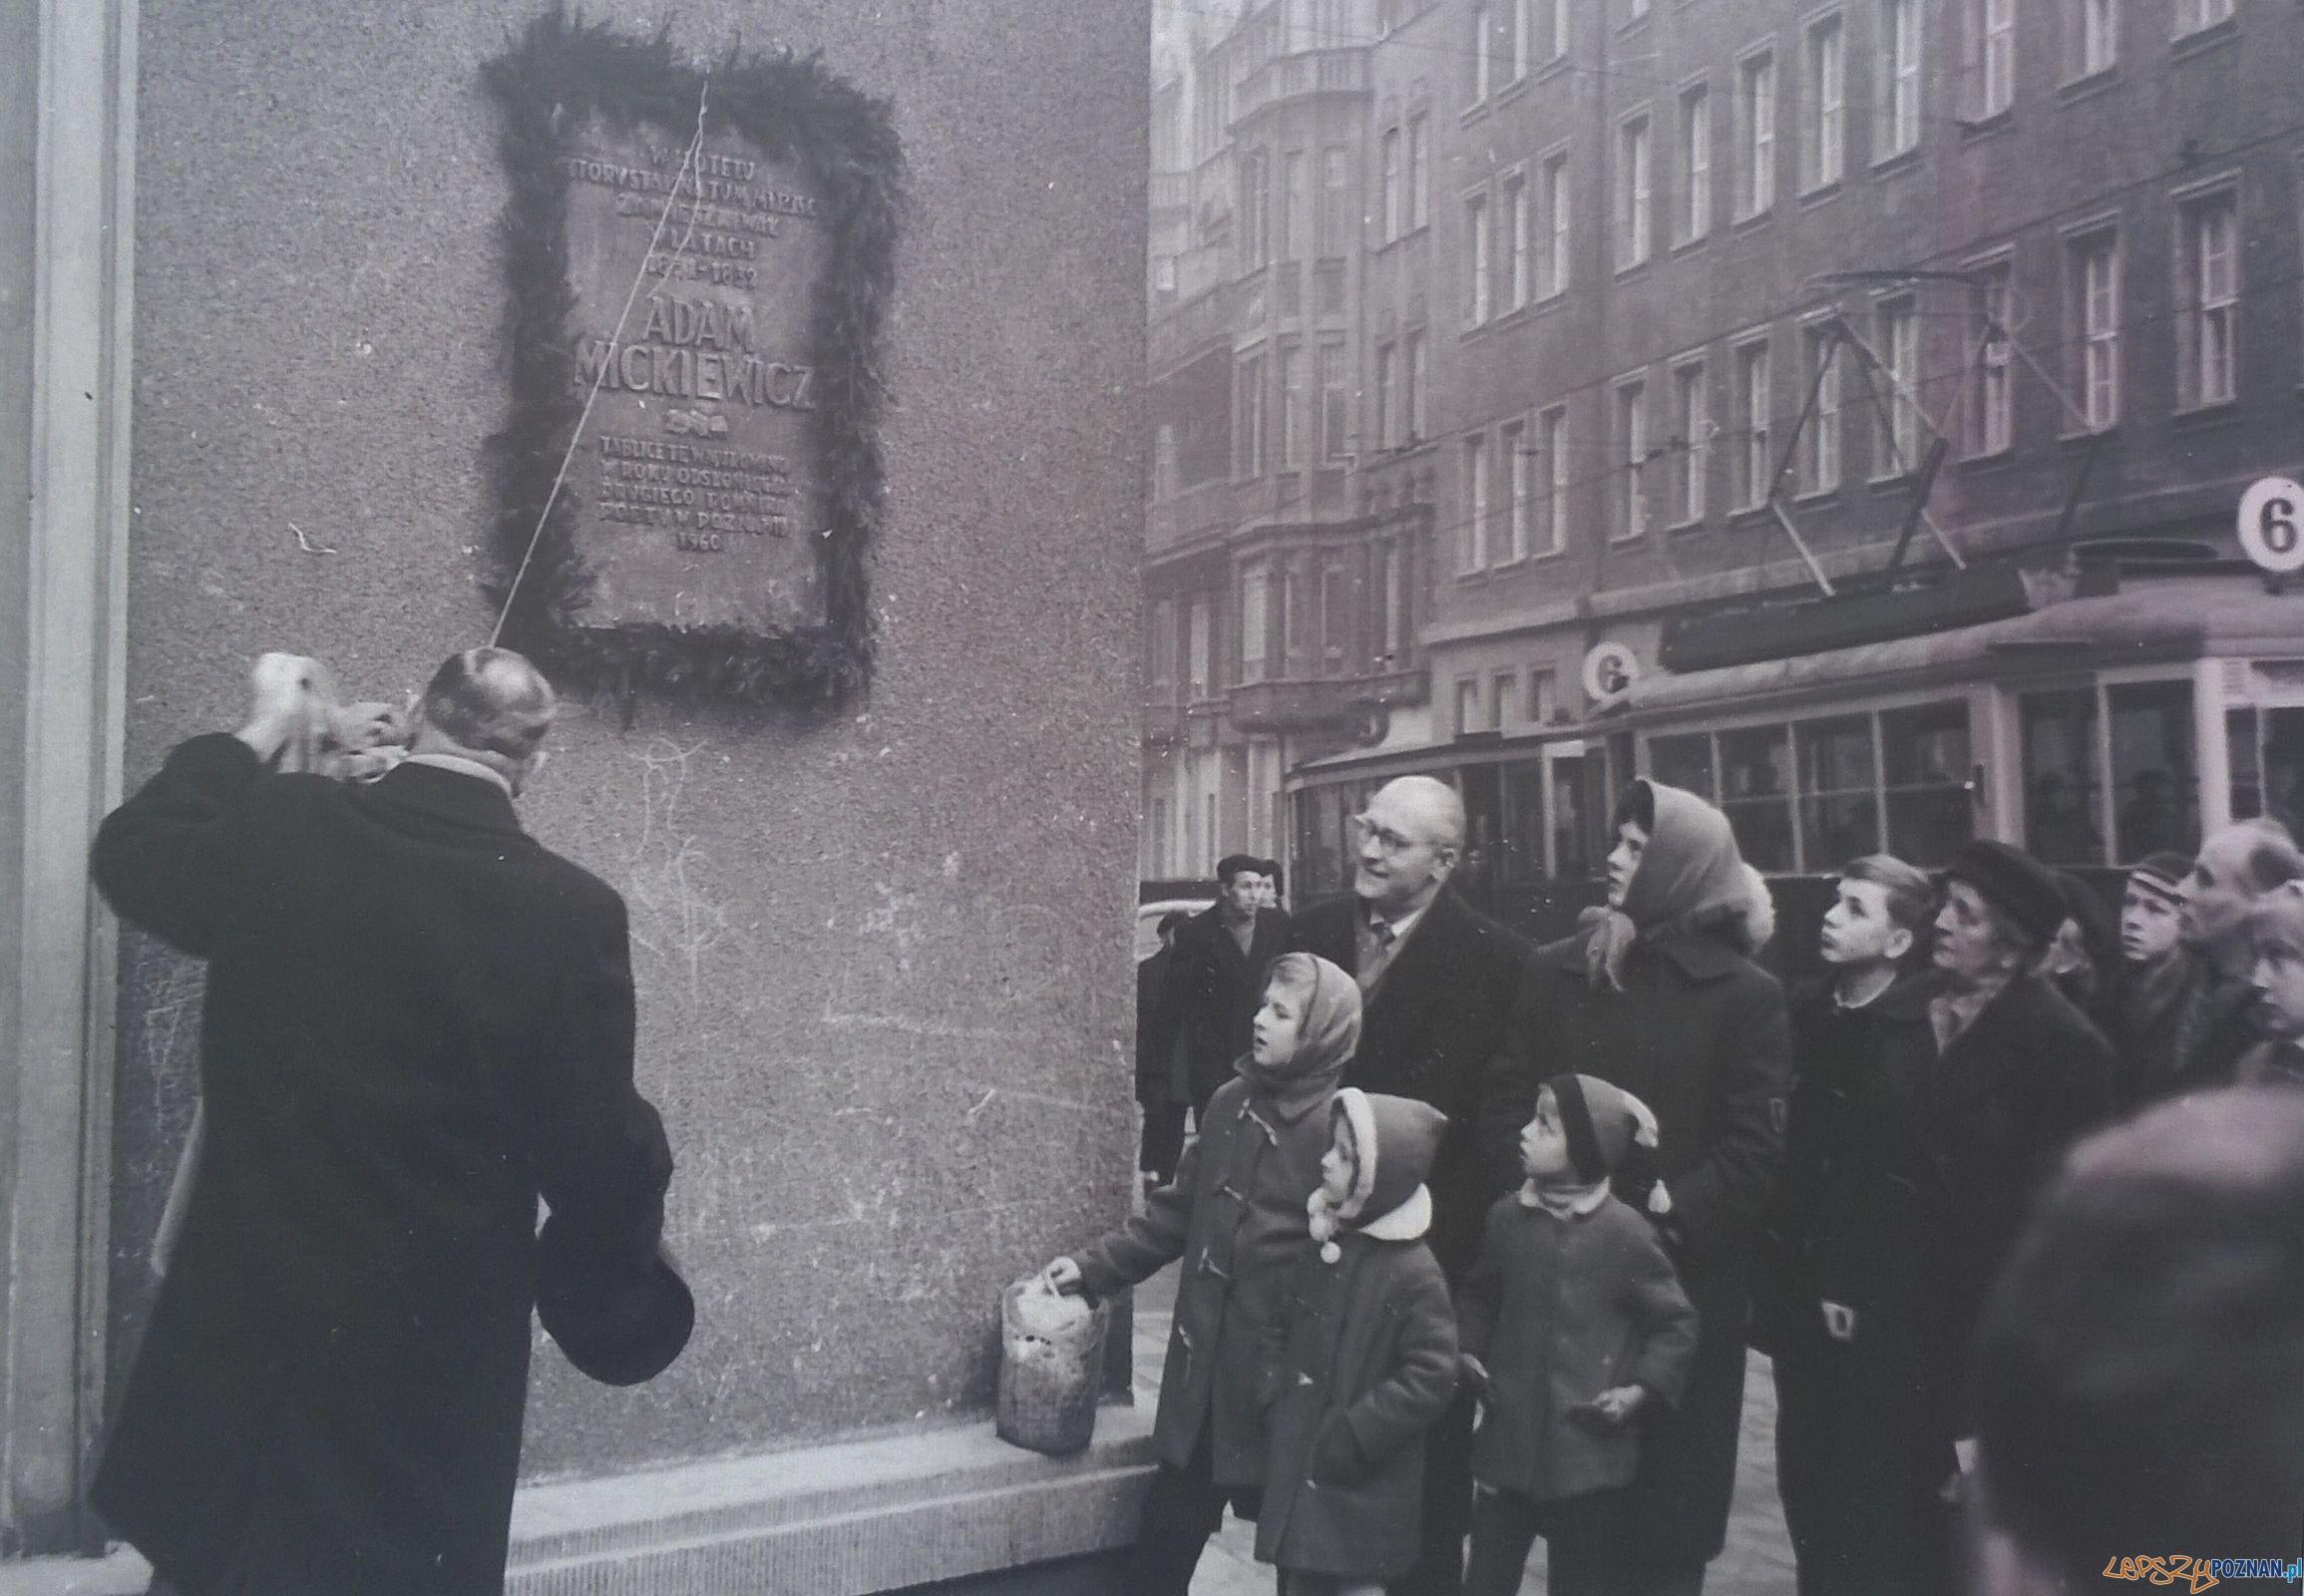 Odsłonięcie tablicy przy Alejach Marcinkowskiego, w miejscu w którym mieścił się hotel, w którym mieszkał Adam Mickiewicz  Foto: Wydawnictwo Miejskie